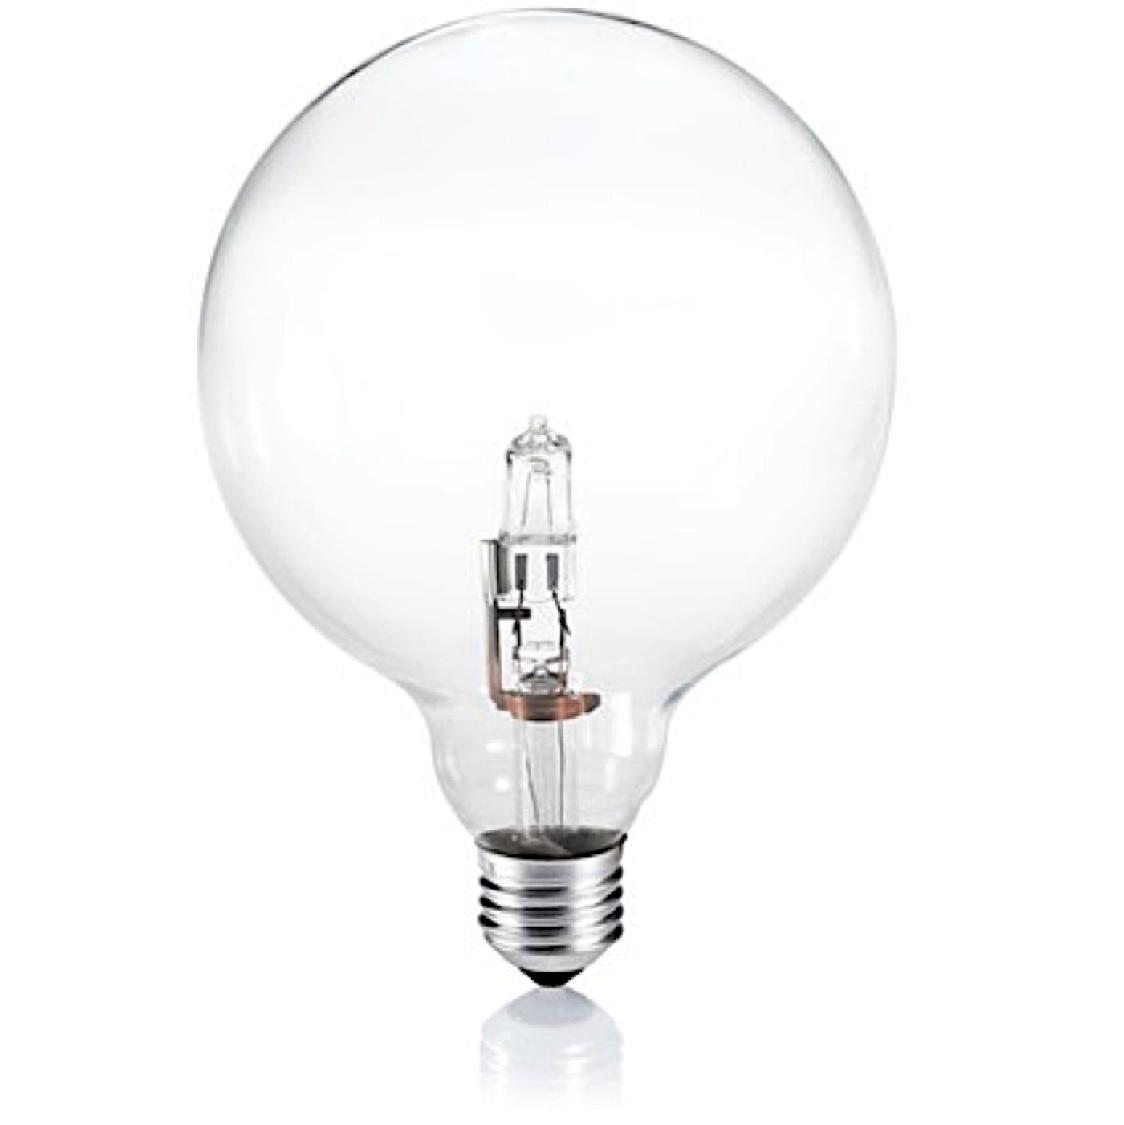 Catenaria lampadine roma lichtsnoer wit atelier kamer for Leroy merlin lampadine led